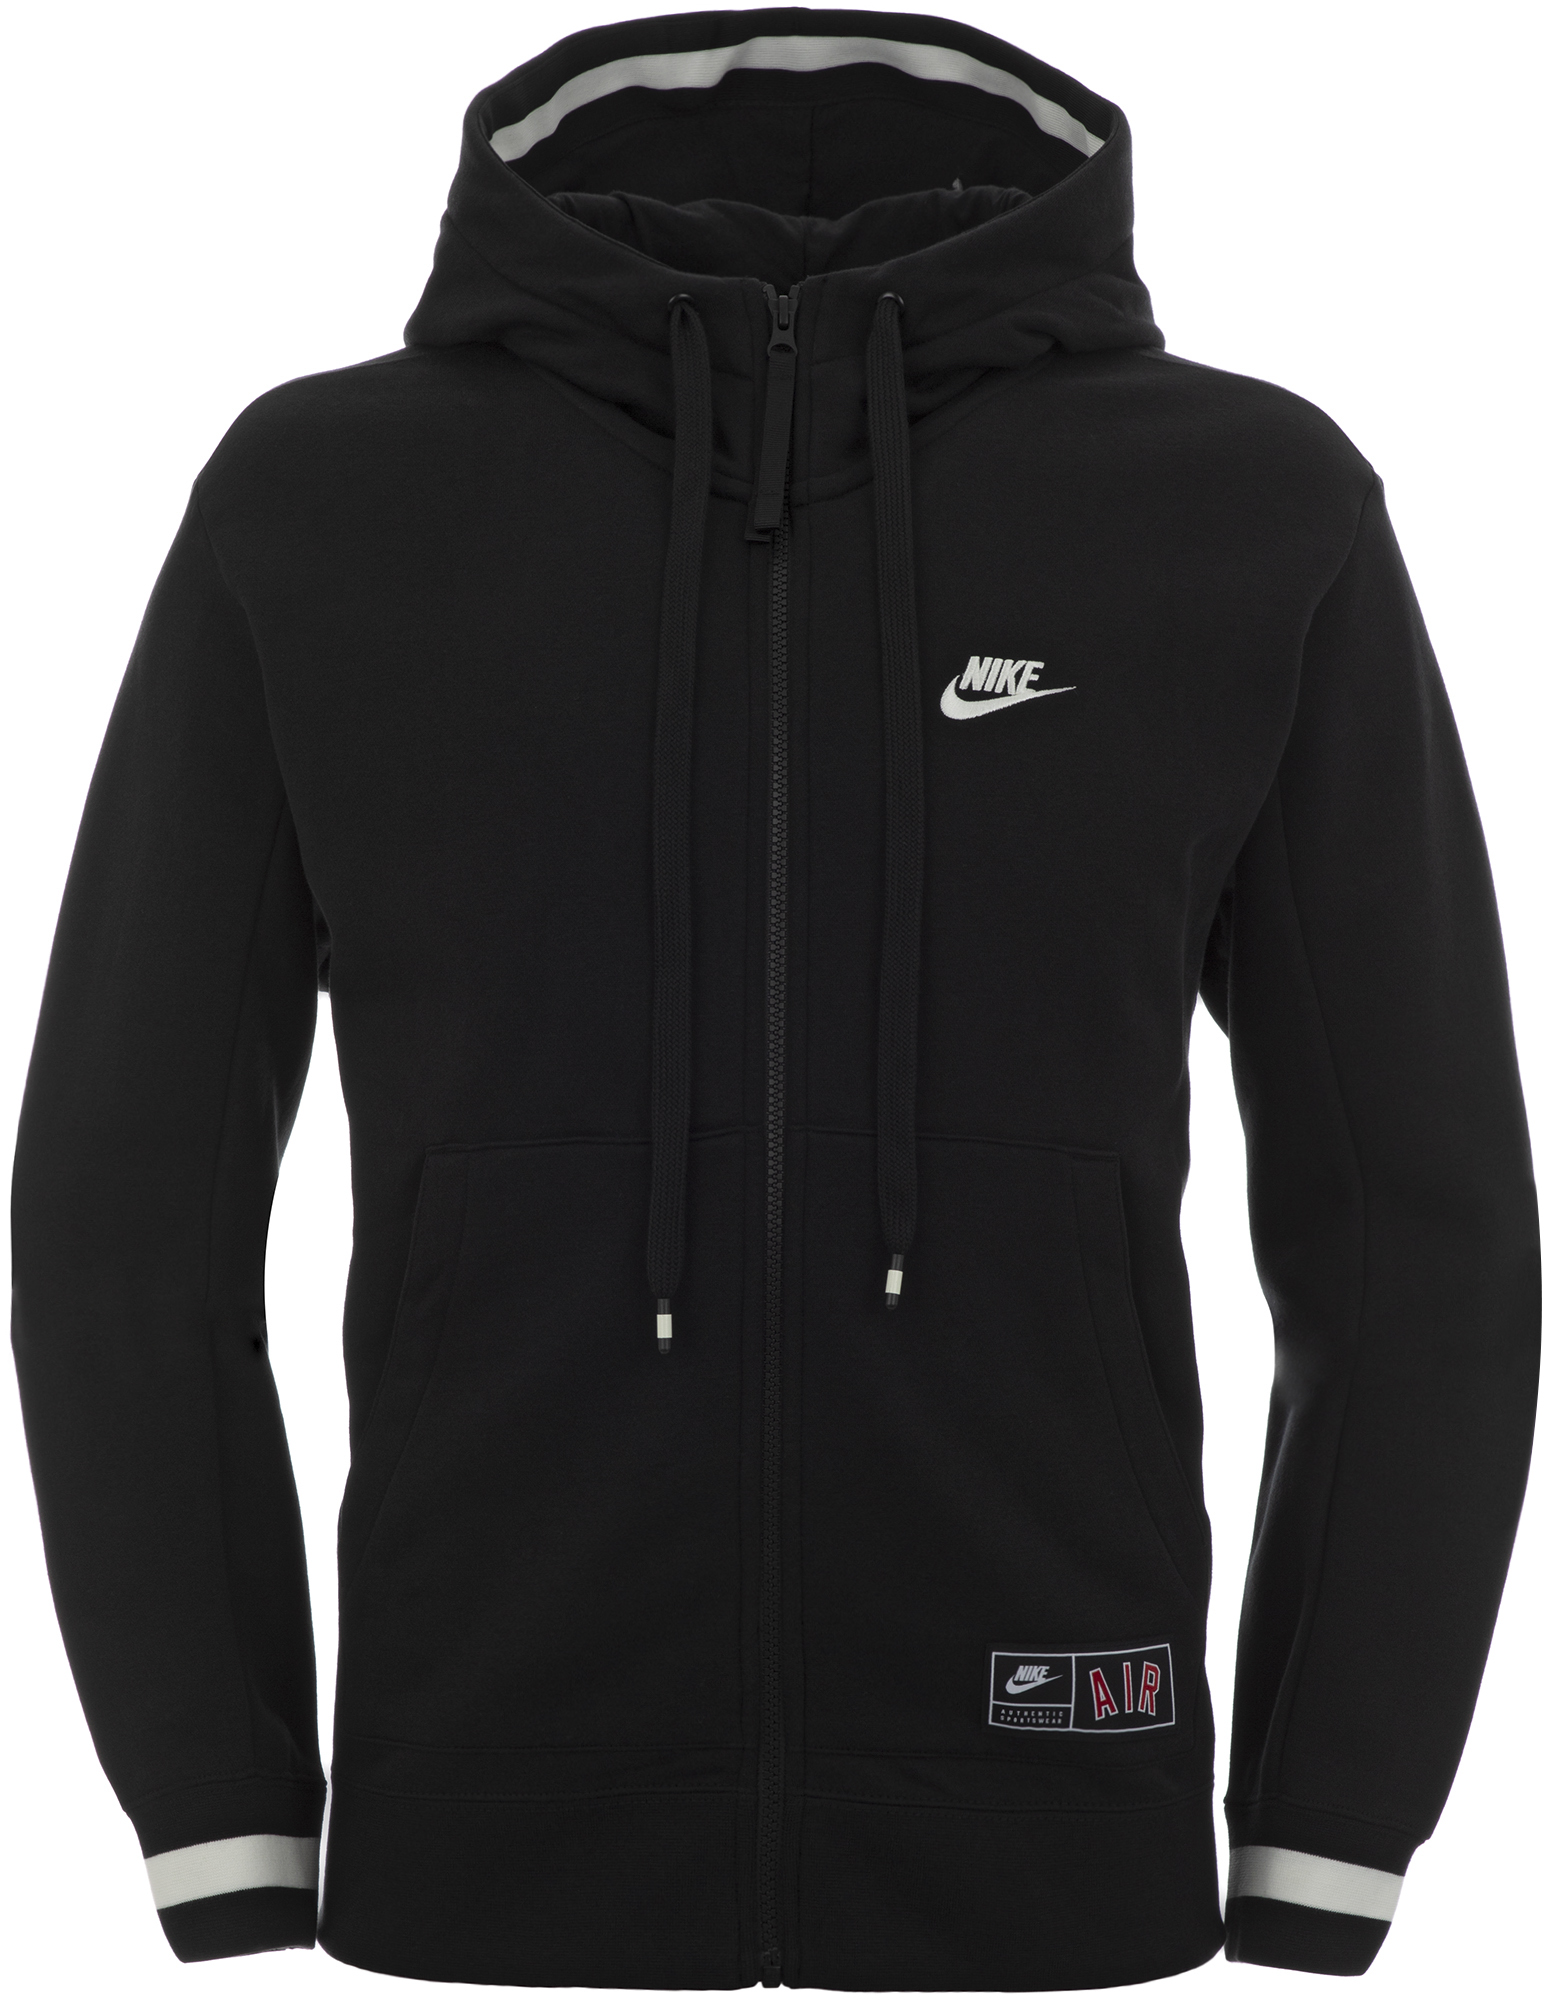 Nike Джемпер мужской Nike Air, размер 44-46